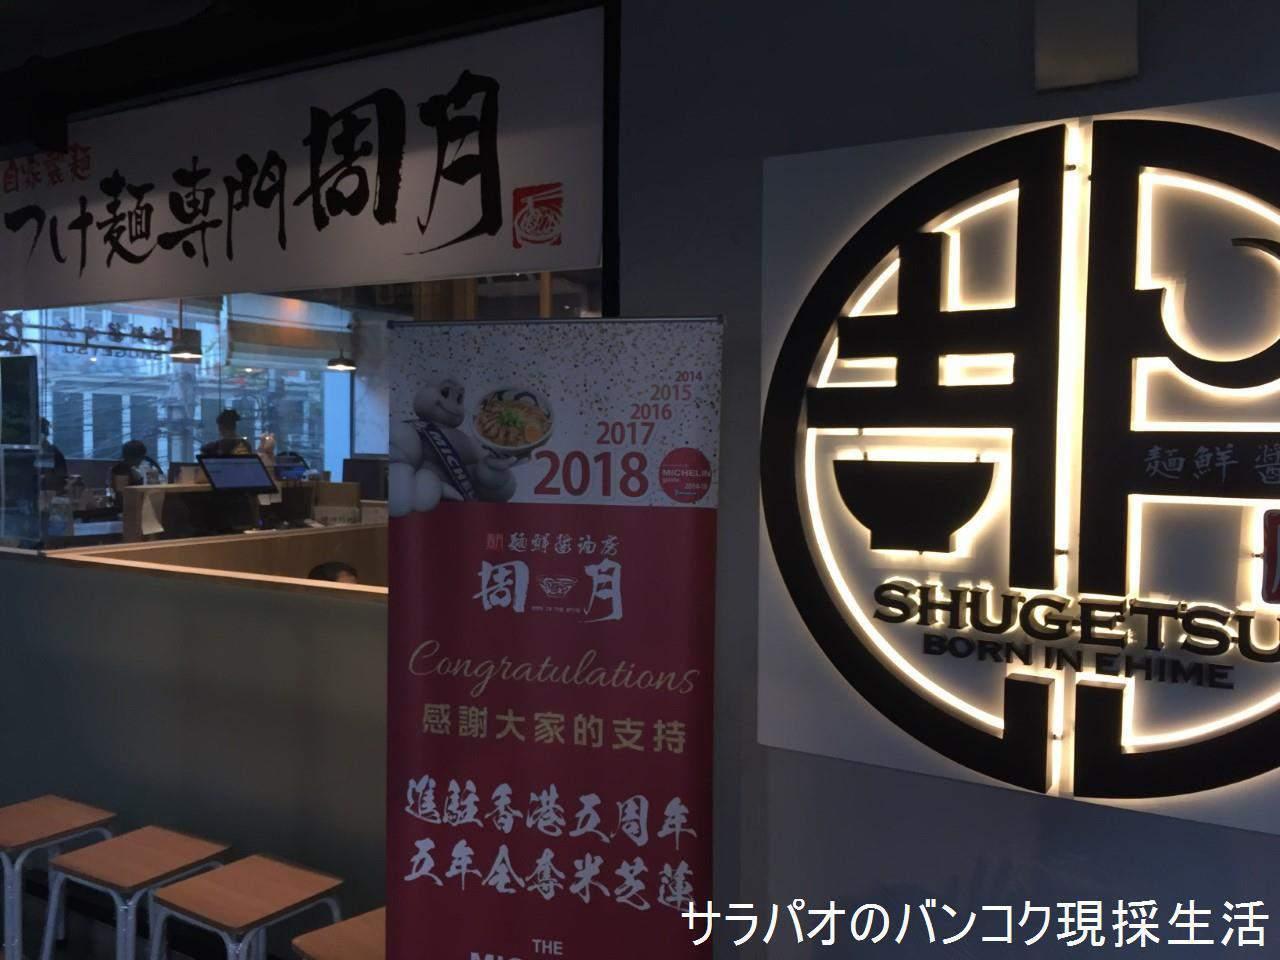 Shugetsu_02.jpg